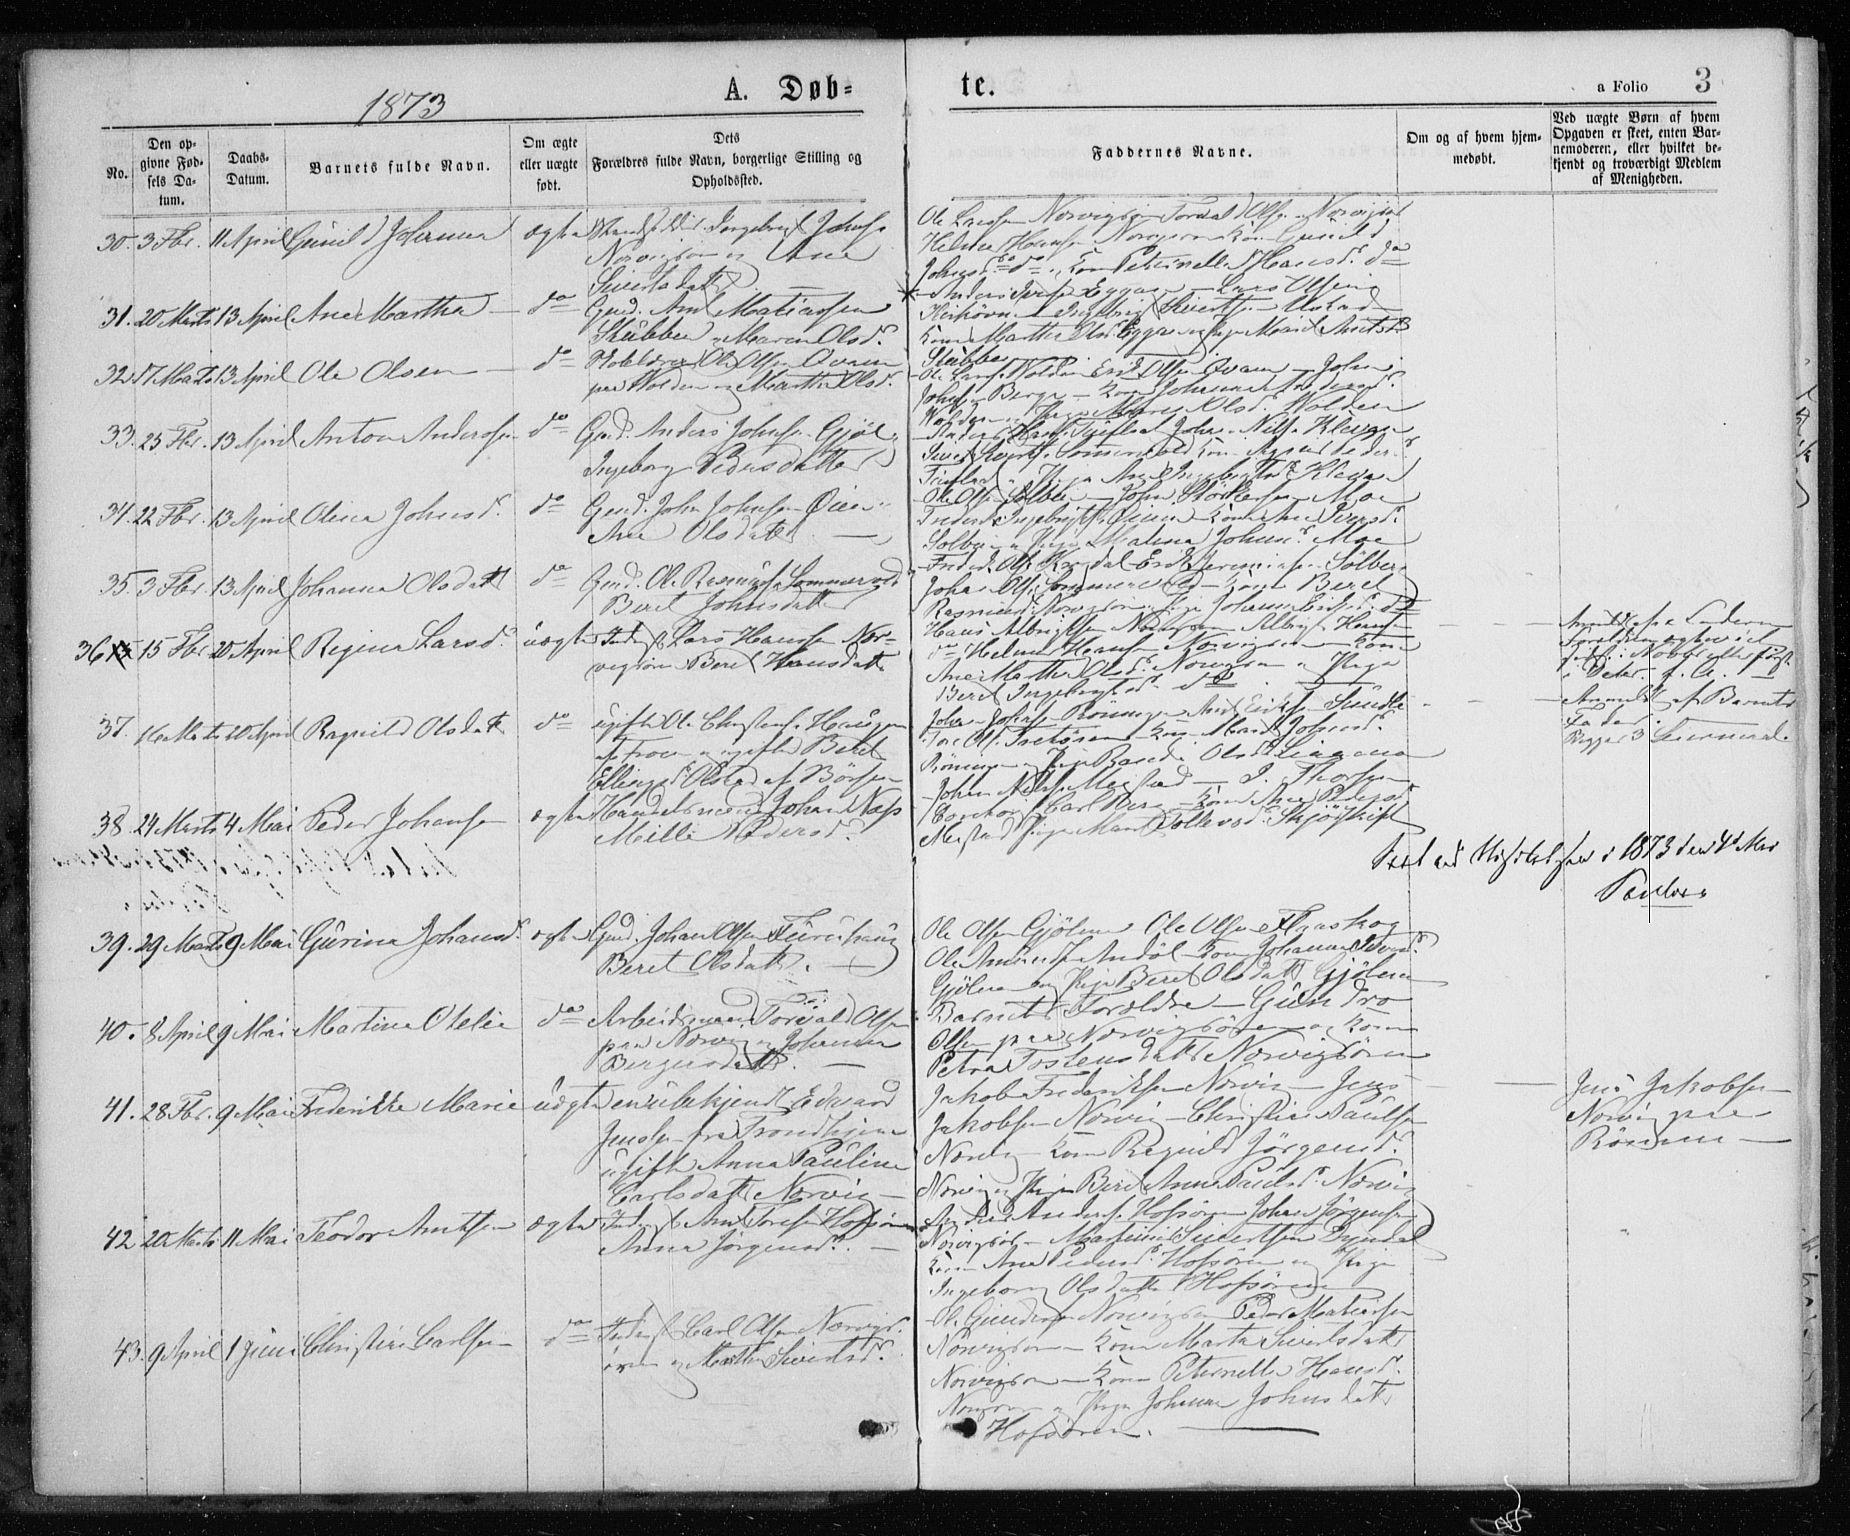 SAT, Ministerialprotokoller, klokkerbøker og fødselsregistre - Sør-Trøndelag, 668/L0817: Klokkerbok nr. 668C06, 1873-1884, s. 3